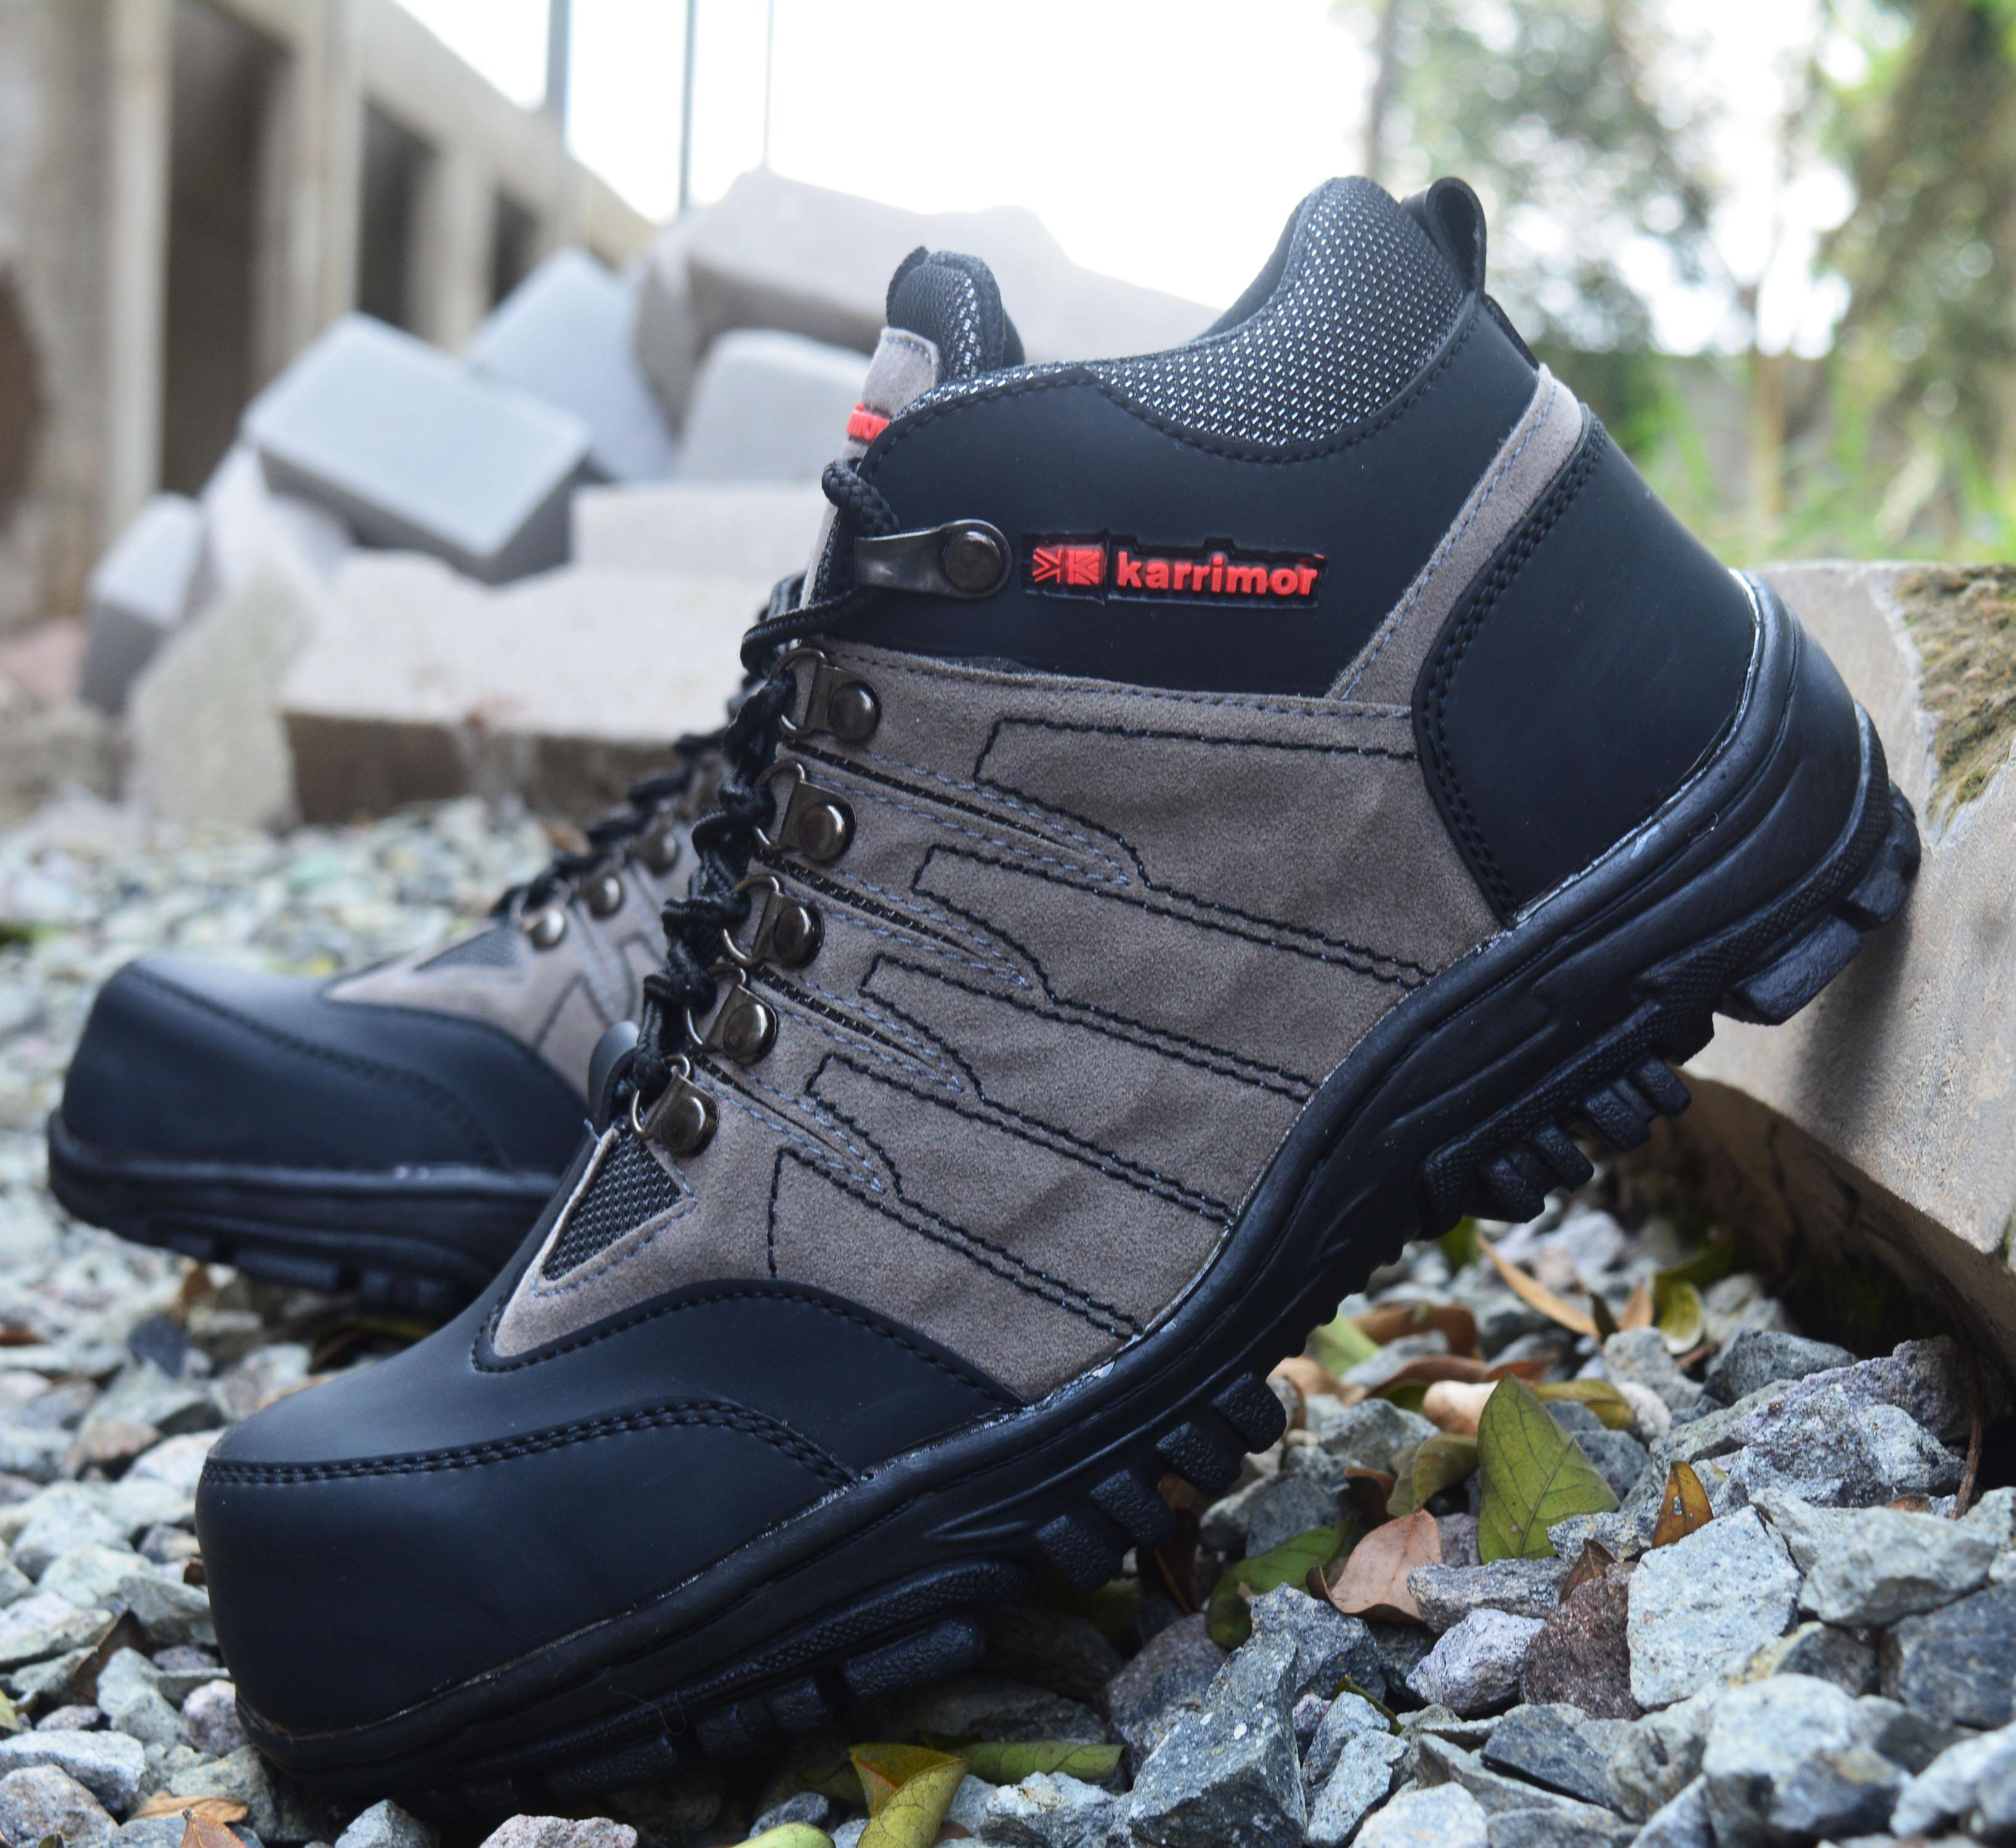 sepatu boots safety pria hiking ujung besi safety – sepatu safety boots – sepatu boots hiking – sepatu safety boots pria – sepatu kerja lapangan